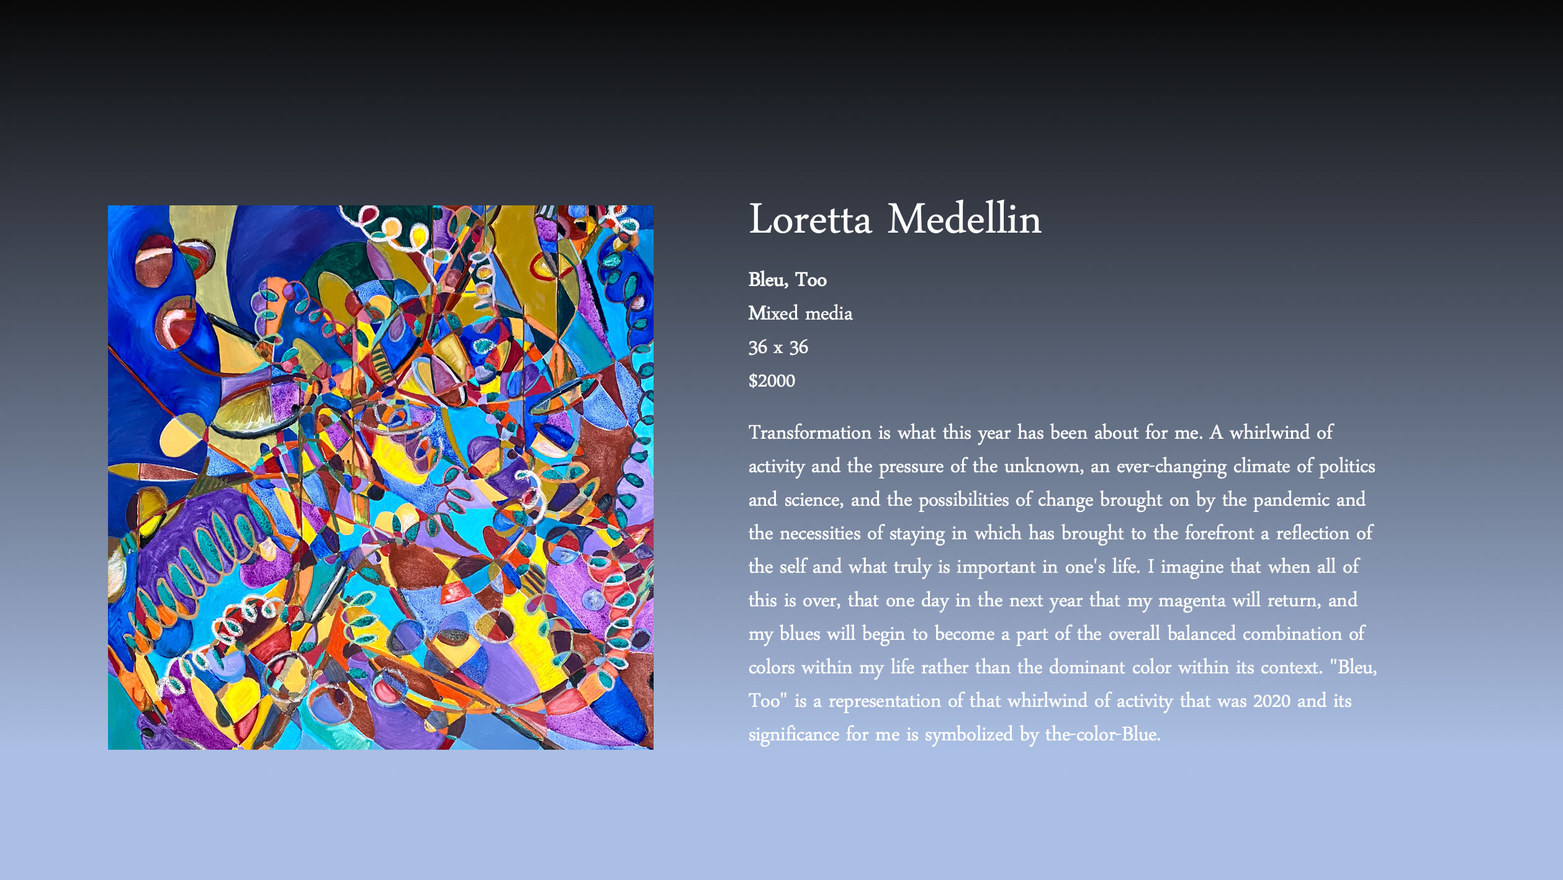 Loretta Medellin